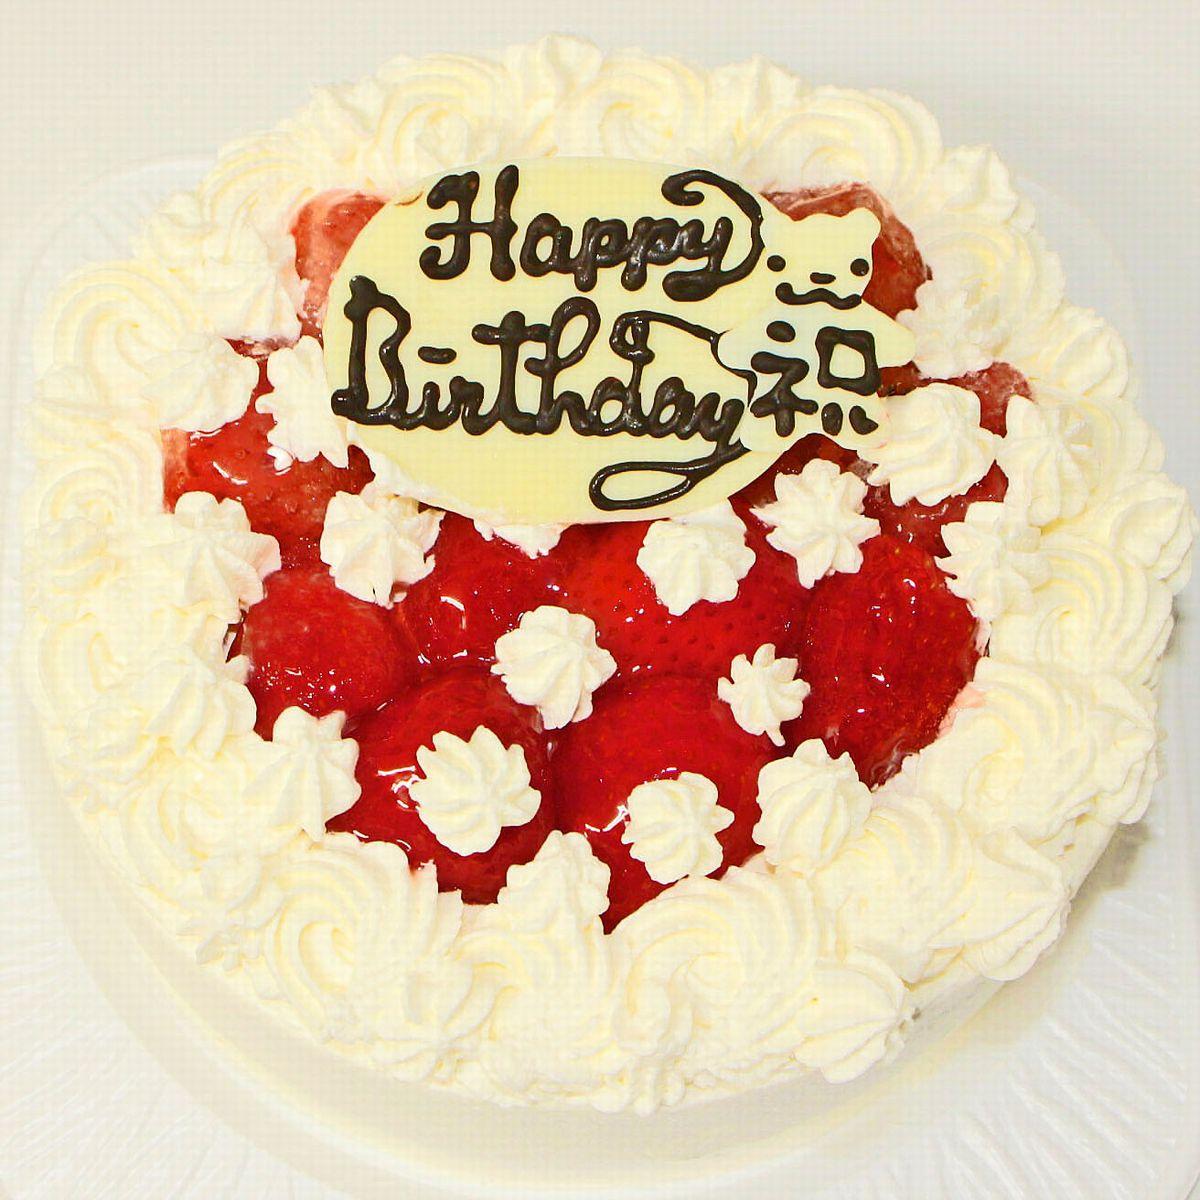 いちご生クリームケーキ4号 【ケーキ いちご イチゴ 誕生日ケーキ いちごケーキ バースデーケーキ デコレーションケーキ 子供 キッズ おいしい 人気 スイーツ スイーツギフトスイーツ 甘い メッセージ サプライズ オリジナル バースデー】